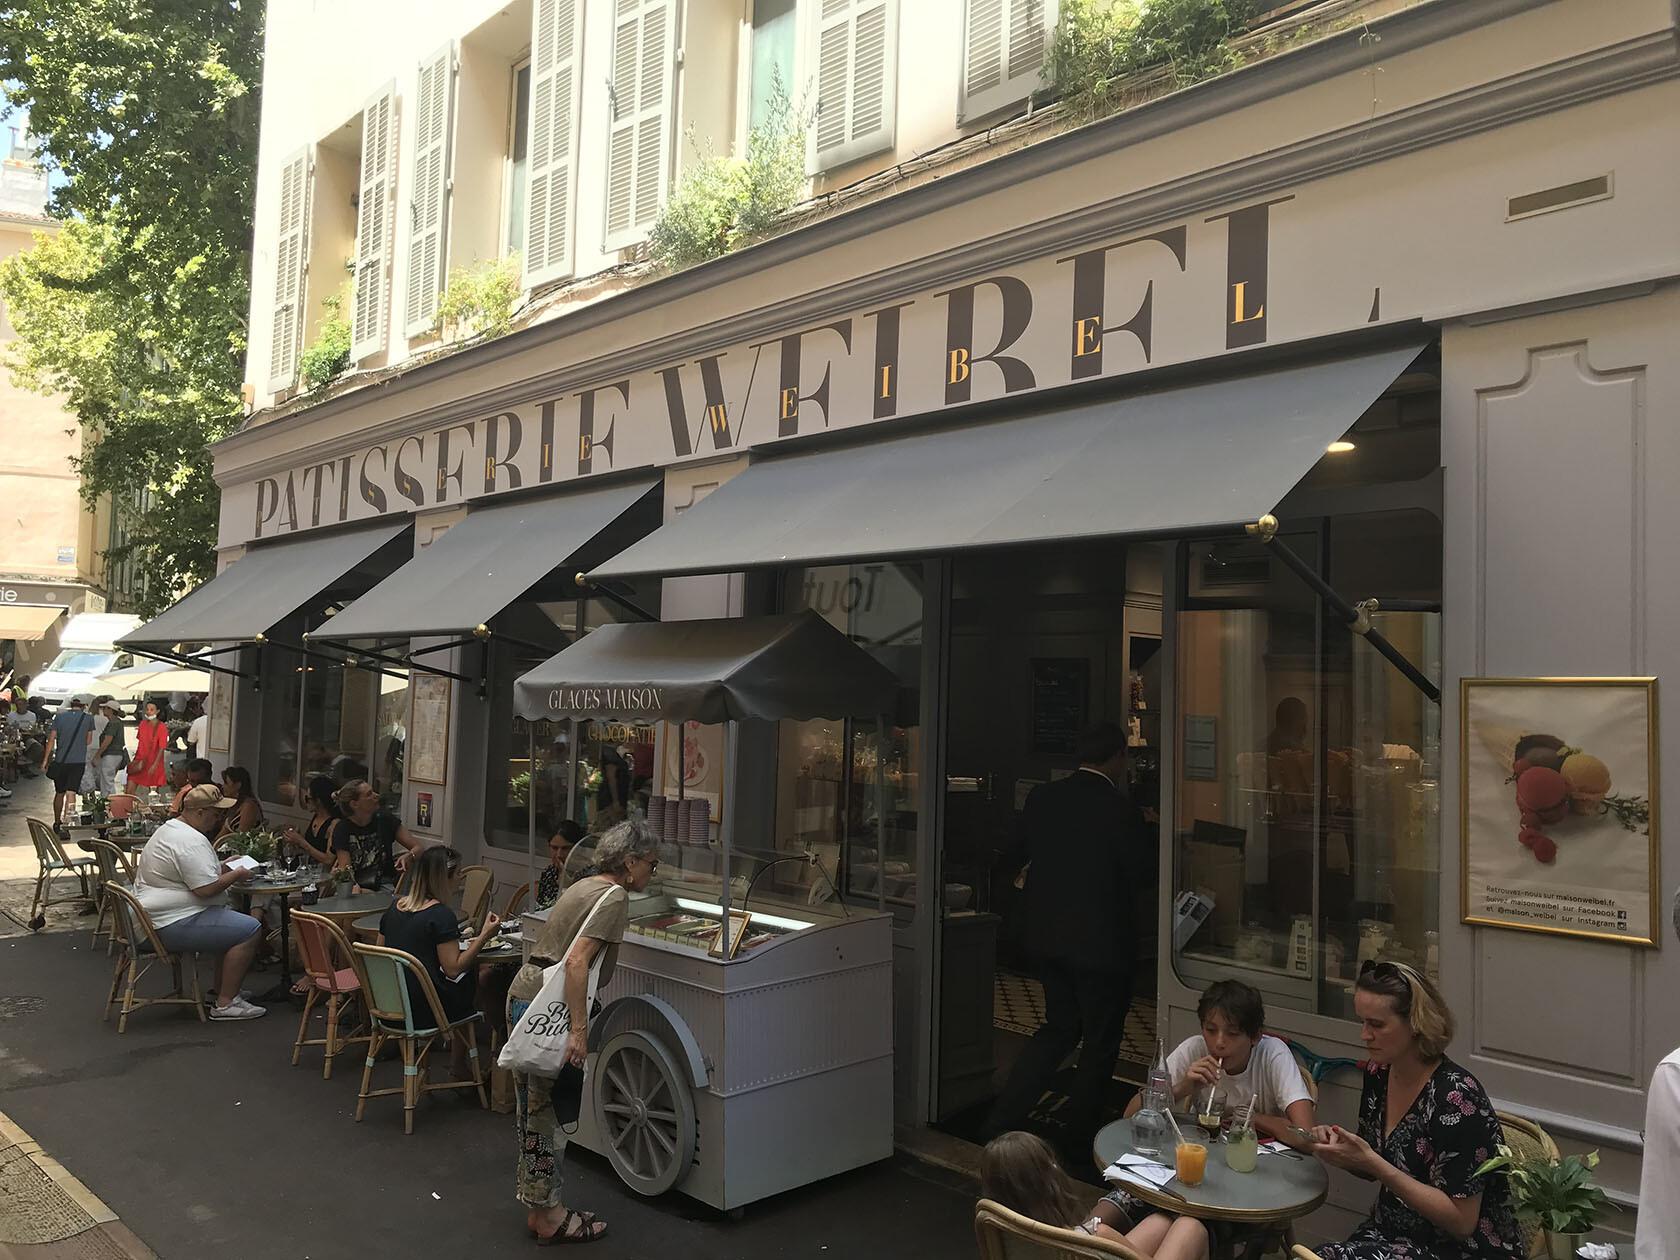 Pâtisserie Weibel Aix-en-Provence